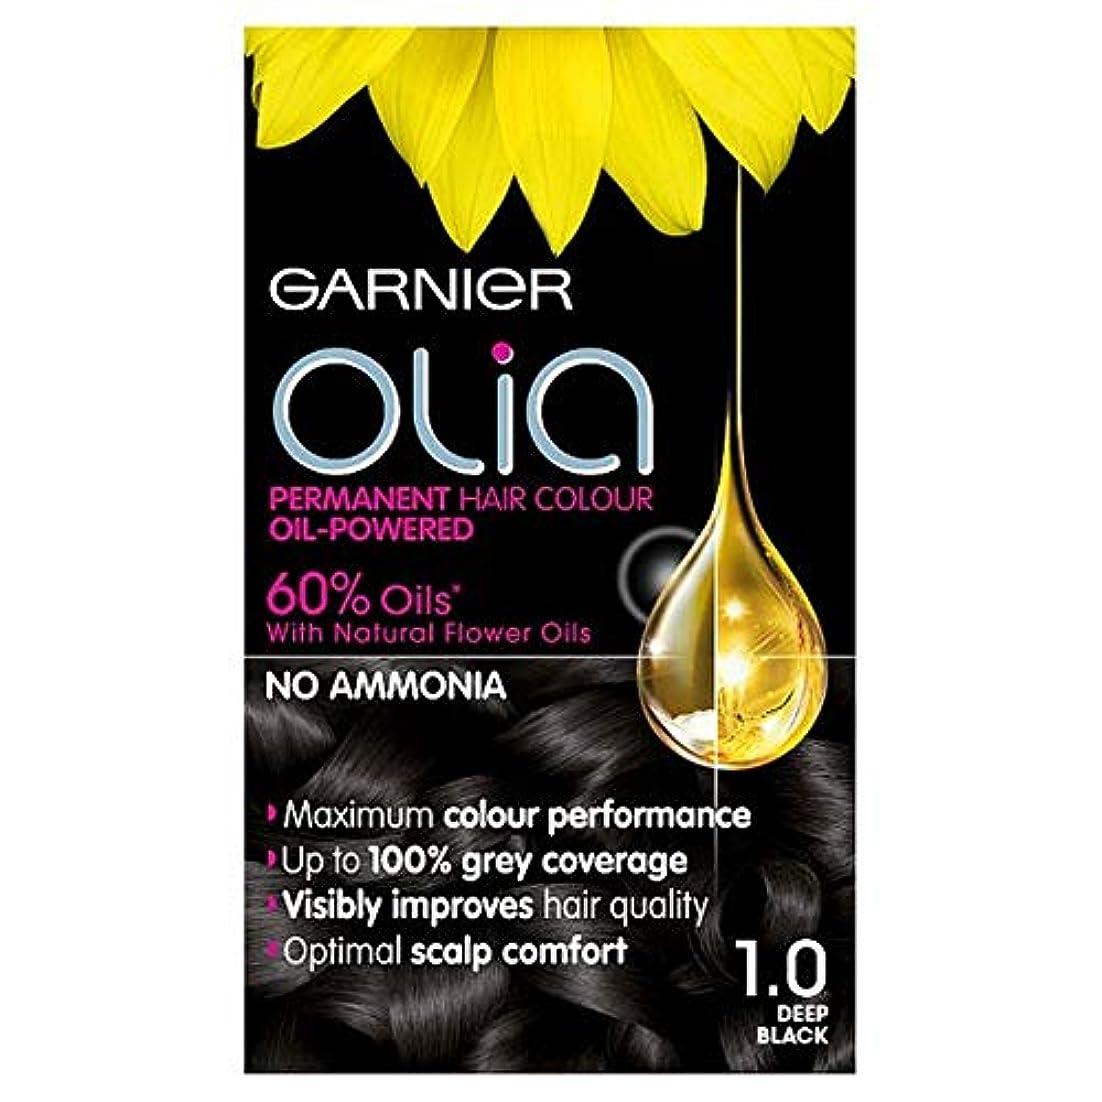 承知しました袋パパ[Garnier] 1.0深い黒のパーマネントヘアダイOliaガルニエ - Garnier Olia 1.0 Deep Black Permanent Hair Dye [並行輸入品]